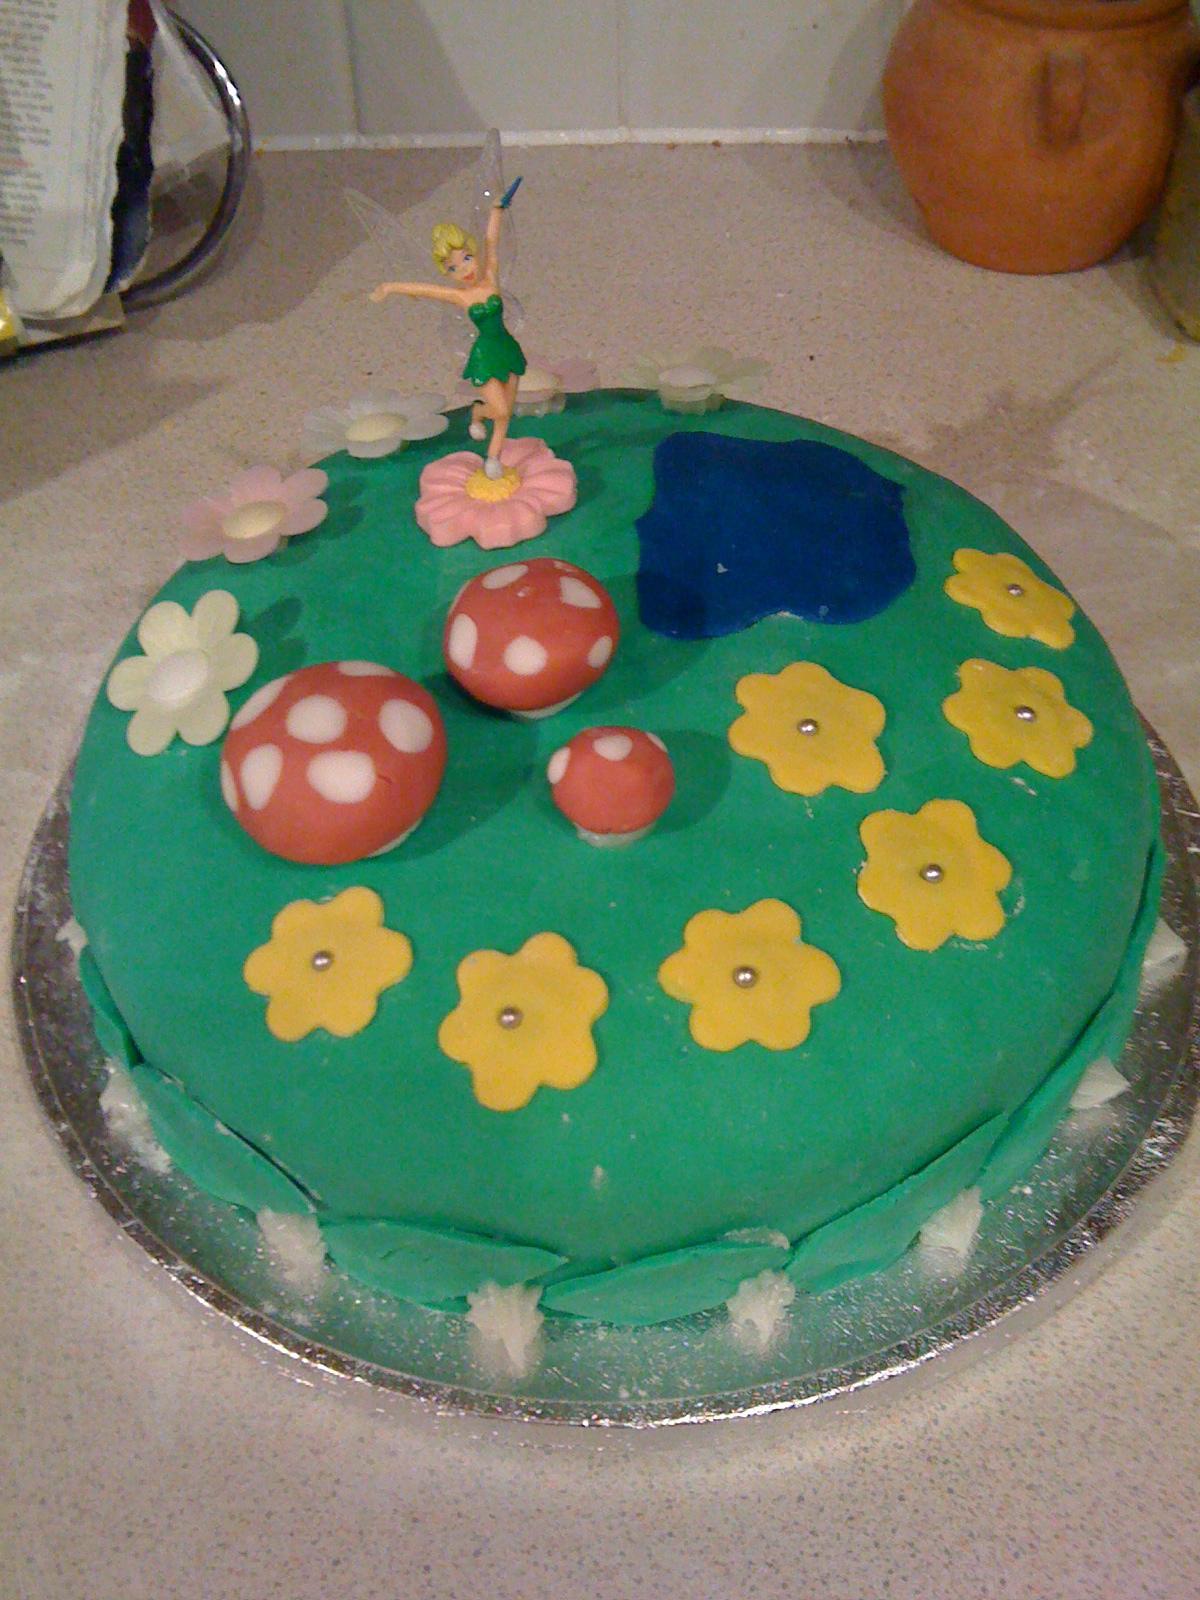 Egg Free Birthday Cake Supermarket